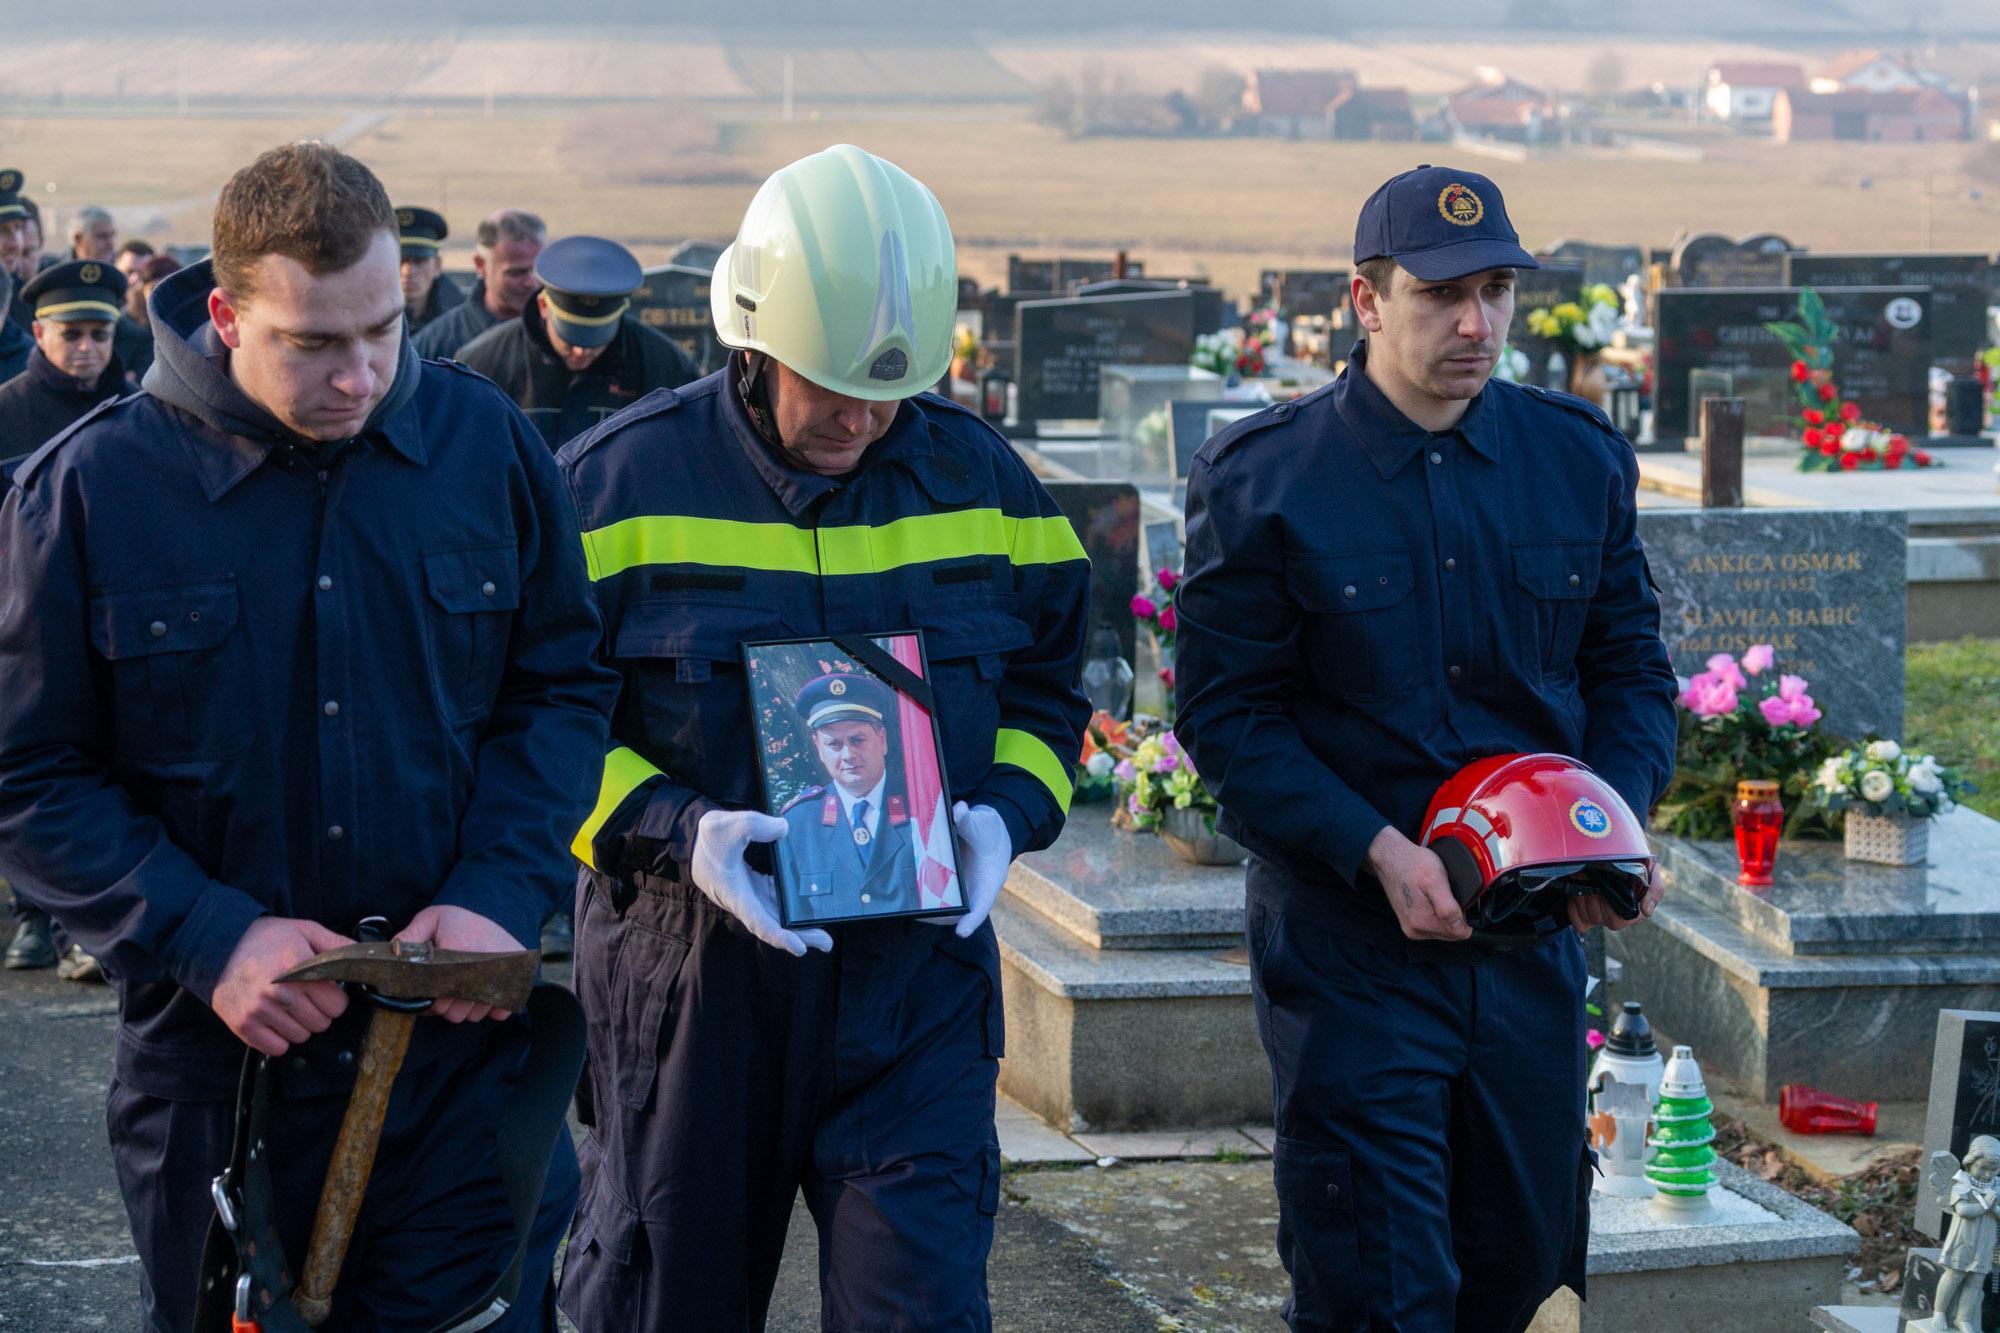 SMRT L. KRANJECA Iz MUP-a odgovorili zbog čega 112 nije na mjesto nesreće poslao policiju